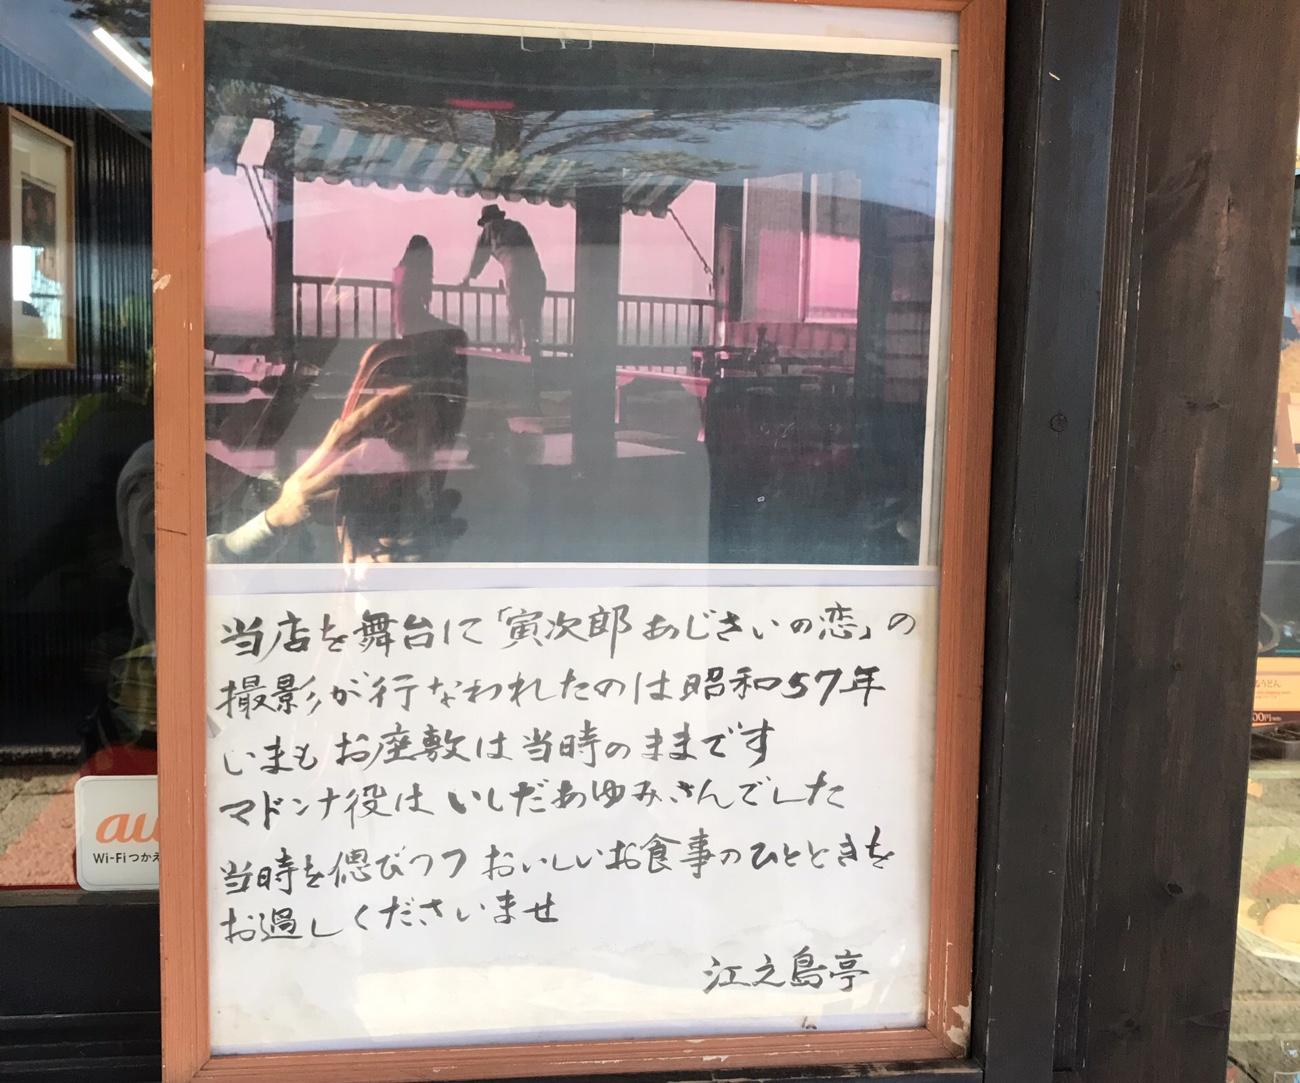 江ノ島ランチ 海鮮丼しらす丼 江の島亭